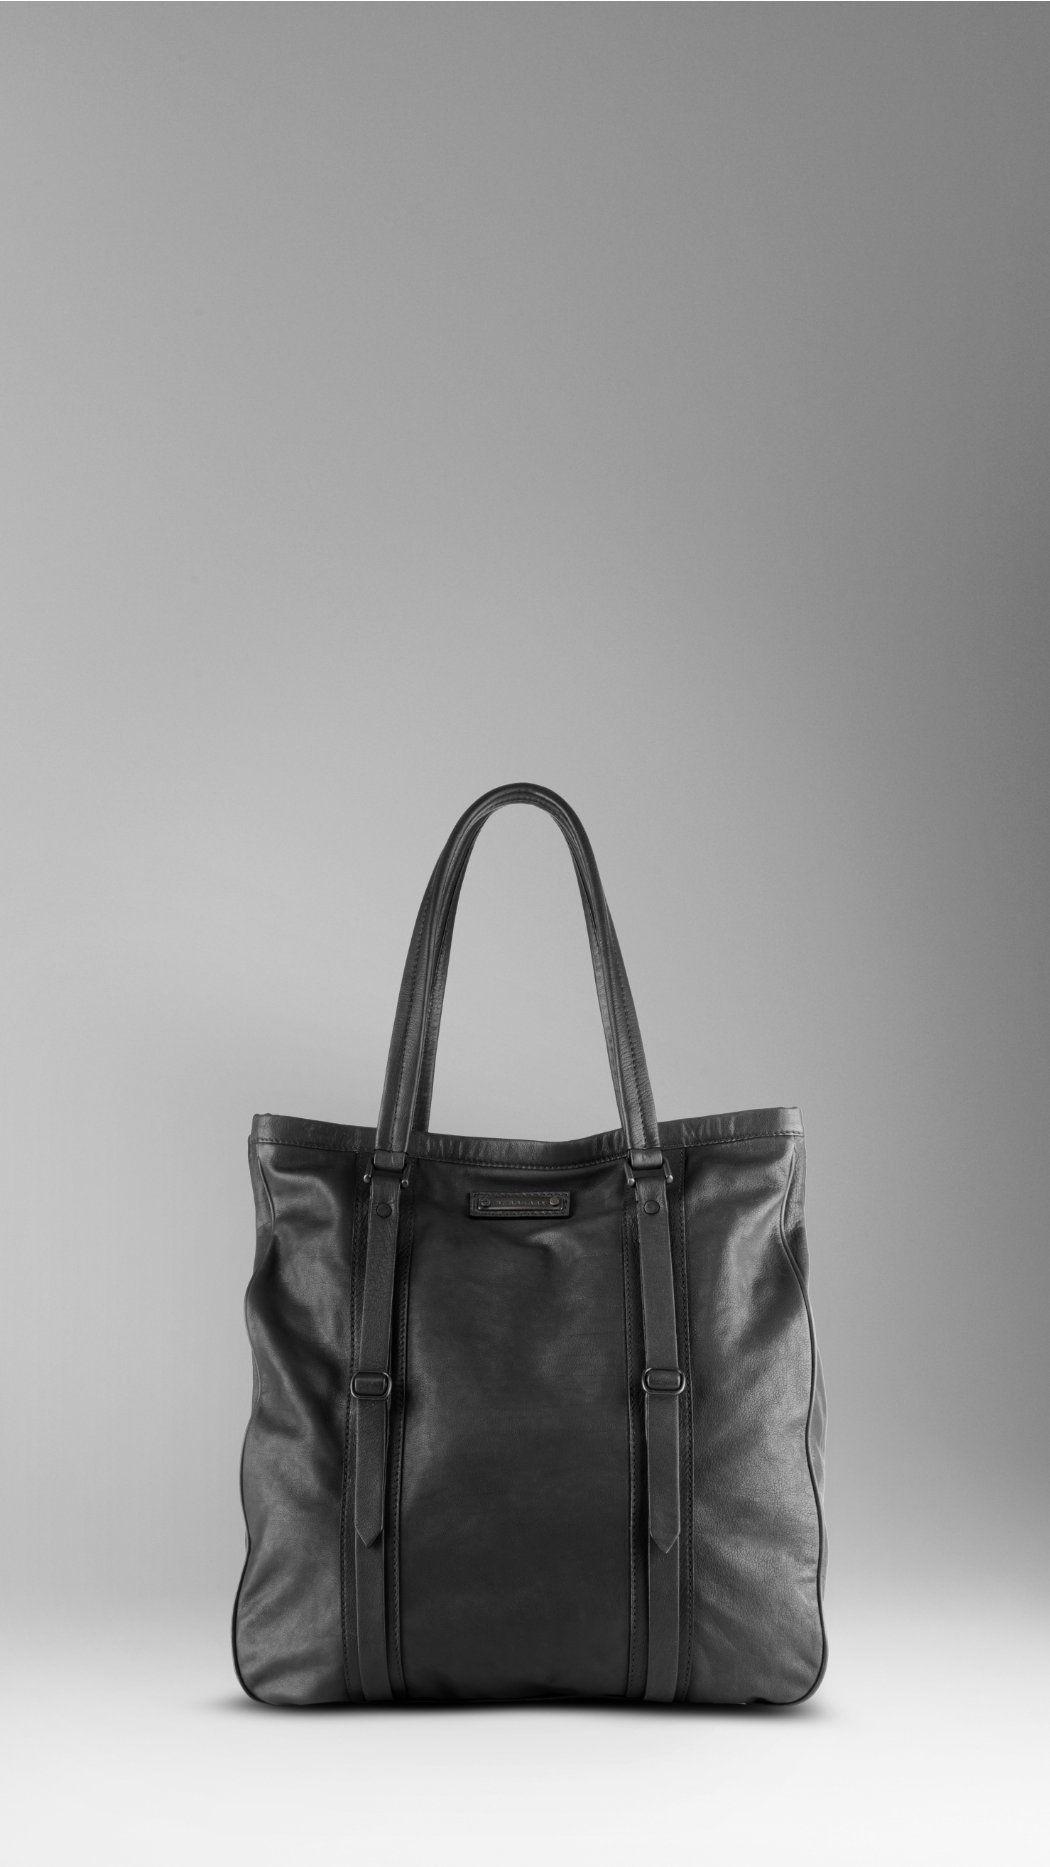 8af394462b58 Burberry-mens-medium-washed-leather-tote-bag-1.jpg (1050×1867)